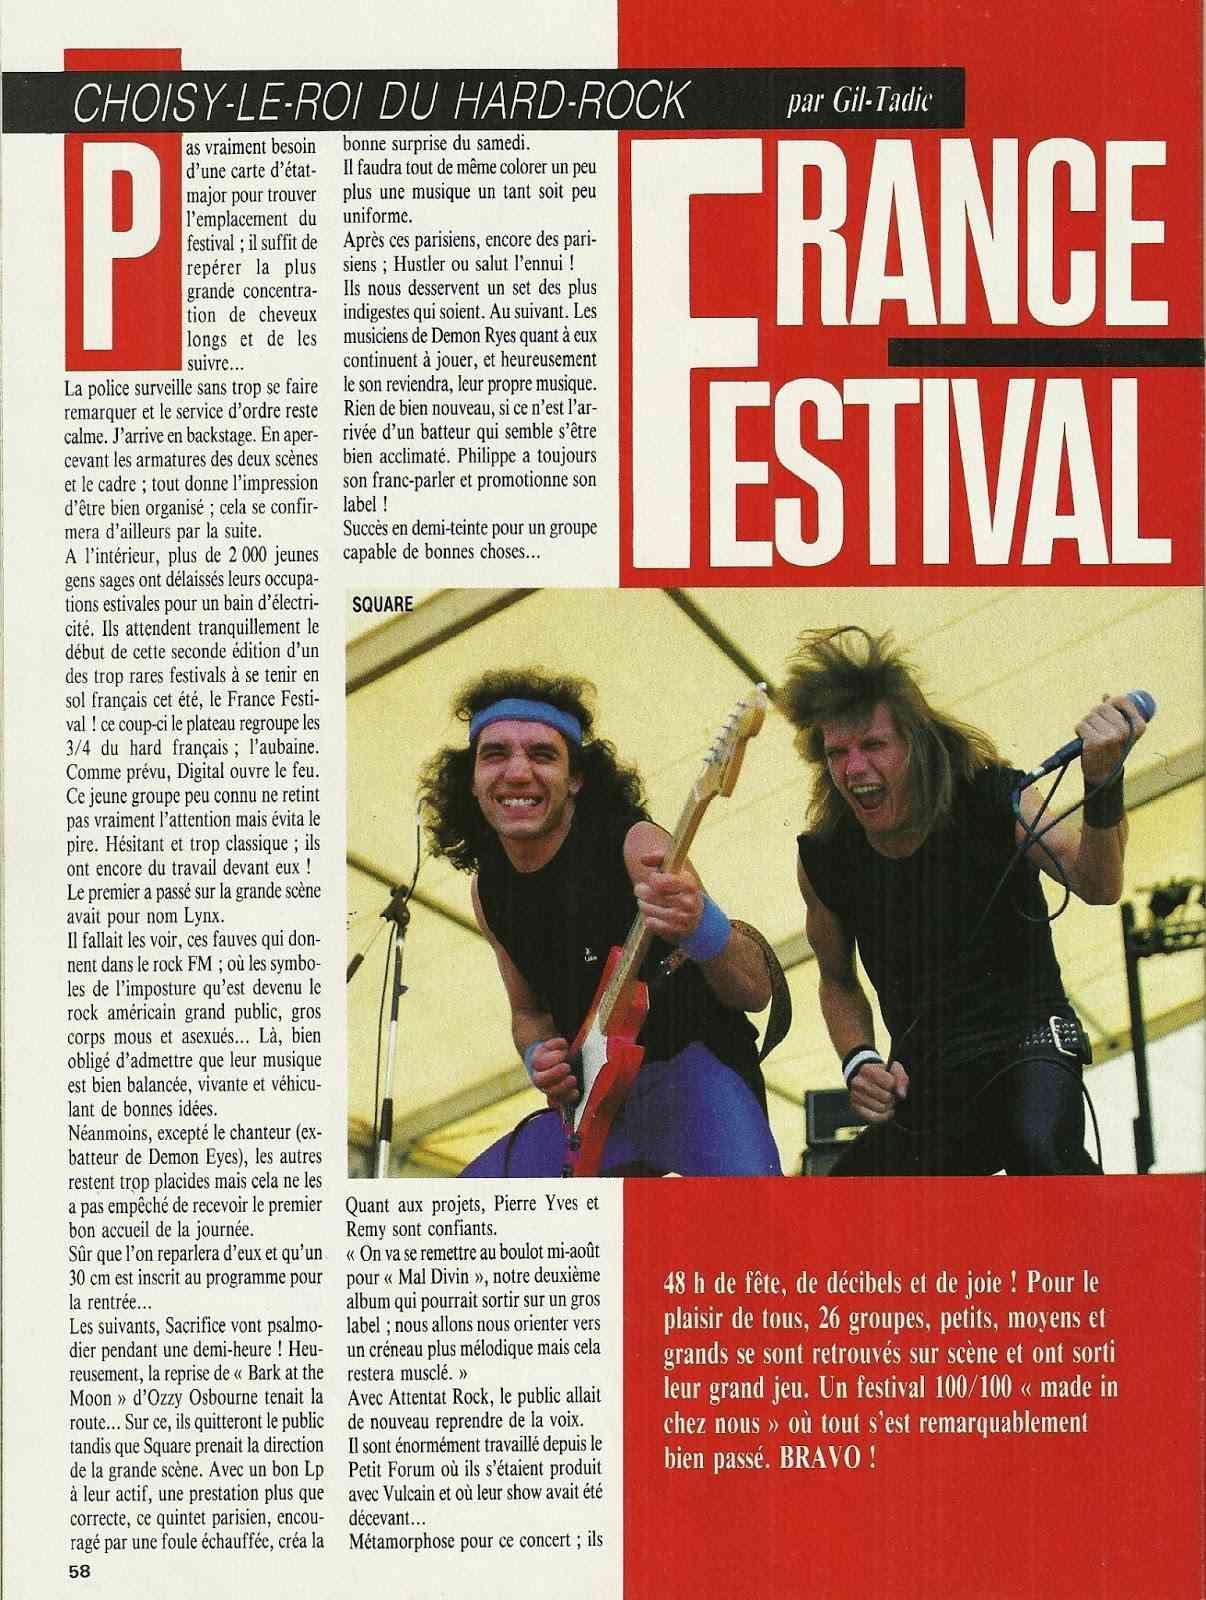 """FRANCE FESTIVAL à Choisy le Roi les 6 et 7 juillet 1985 (Chronique d'une belle aventure) """"Metal Attack"""" Juillet 1985  Numyri32"""